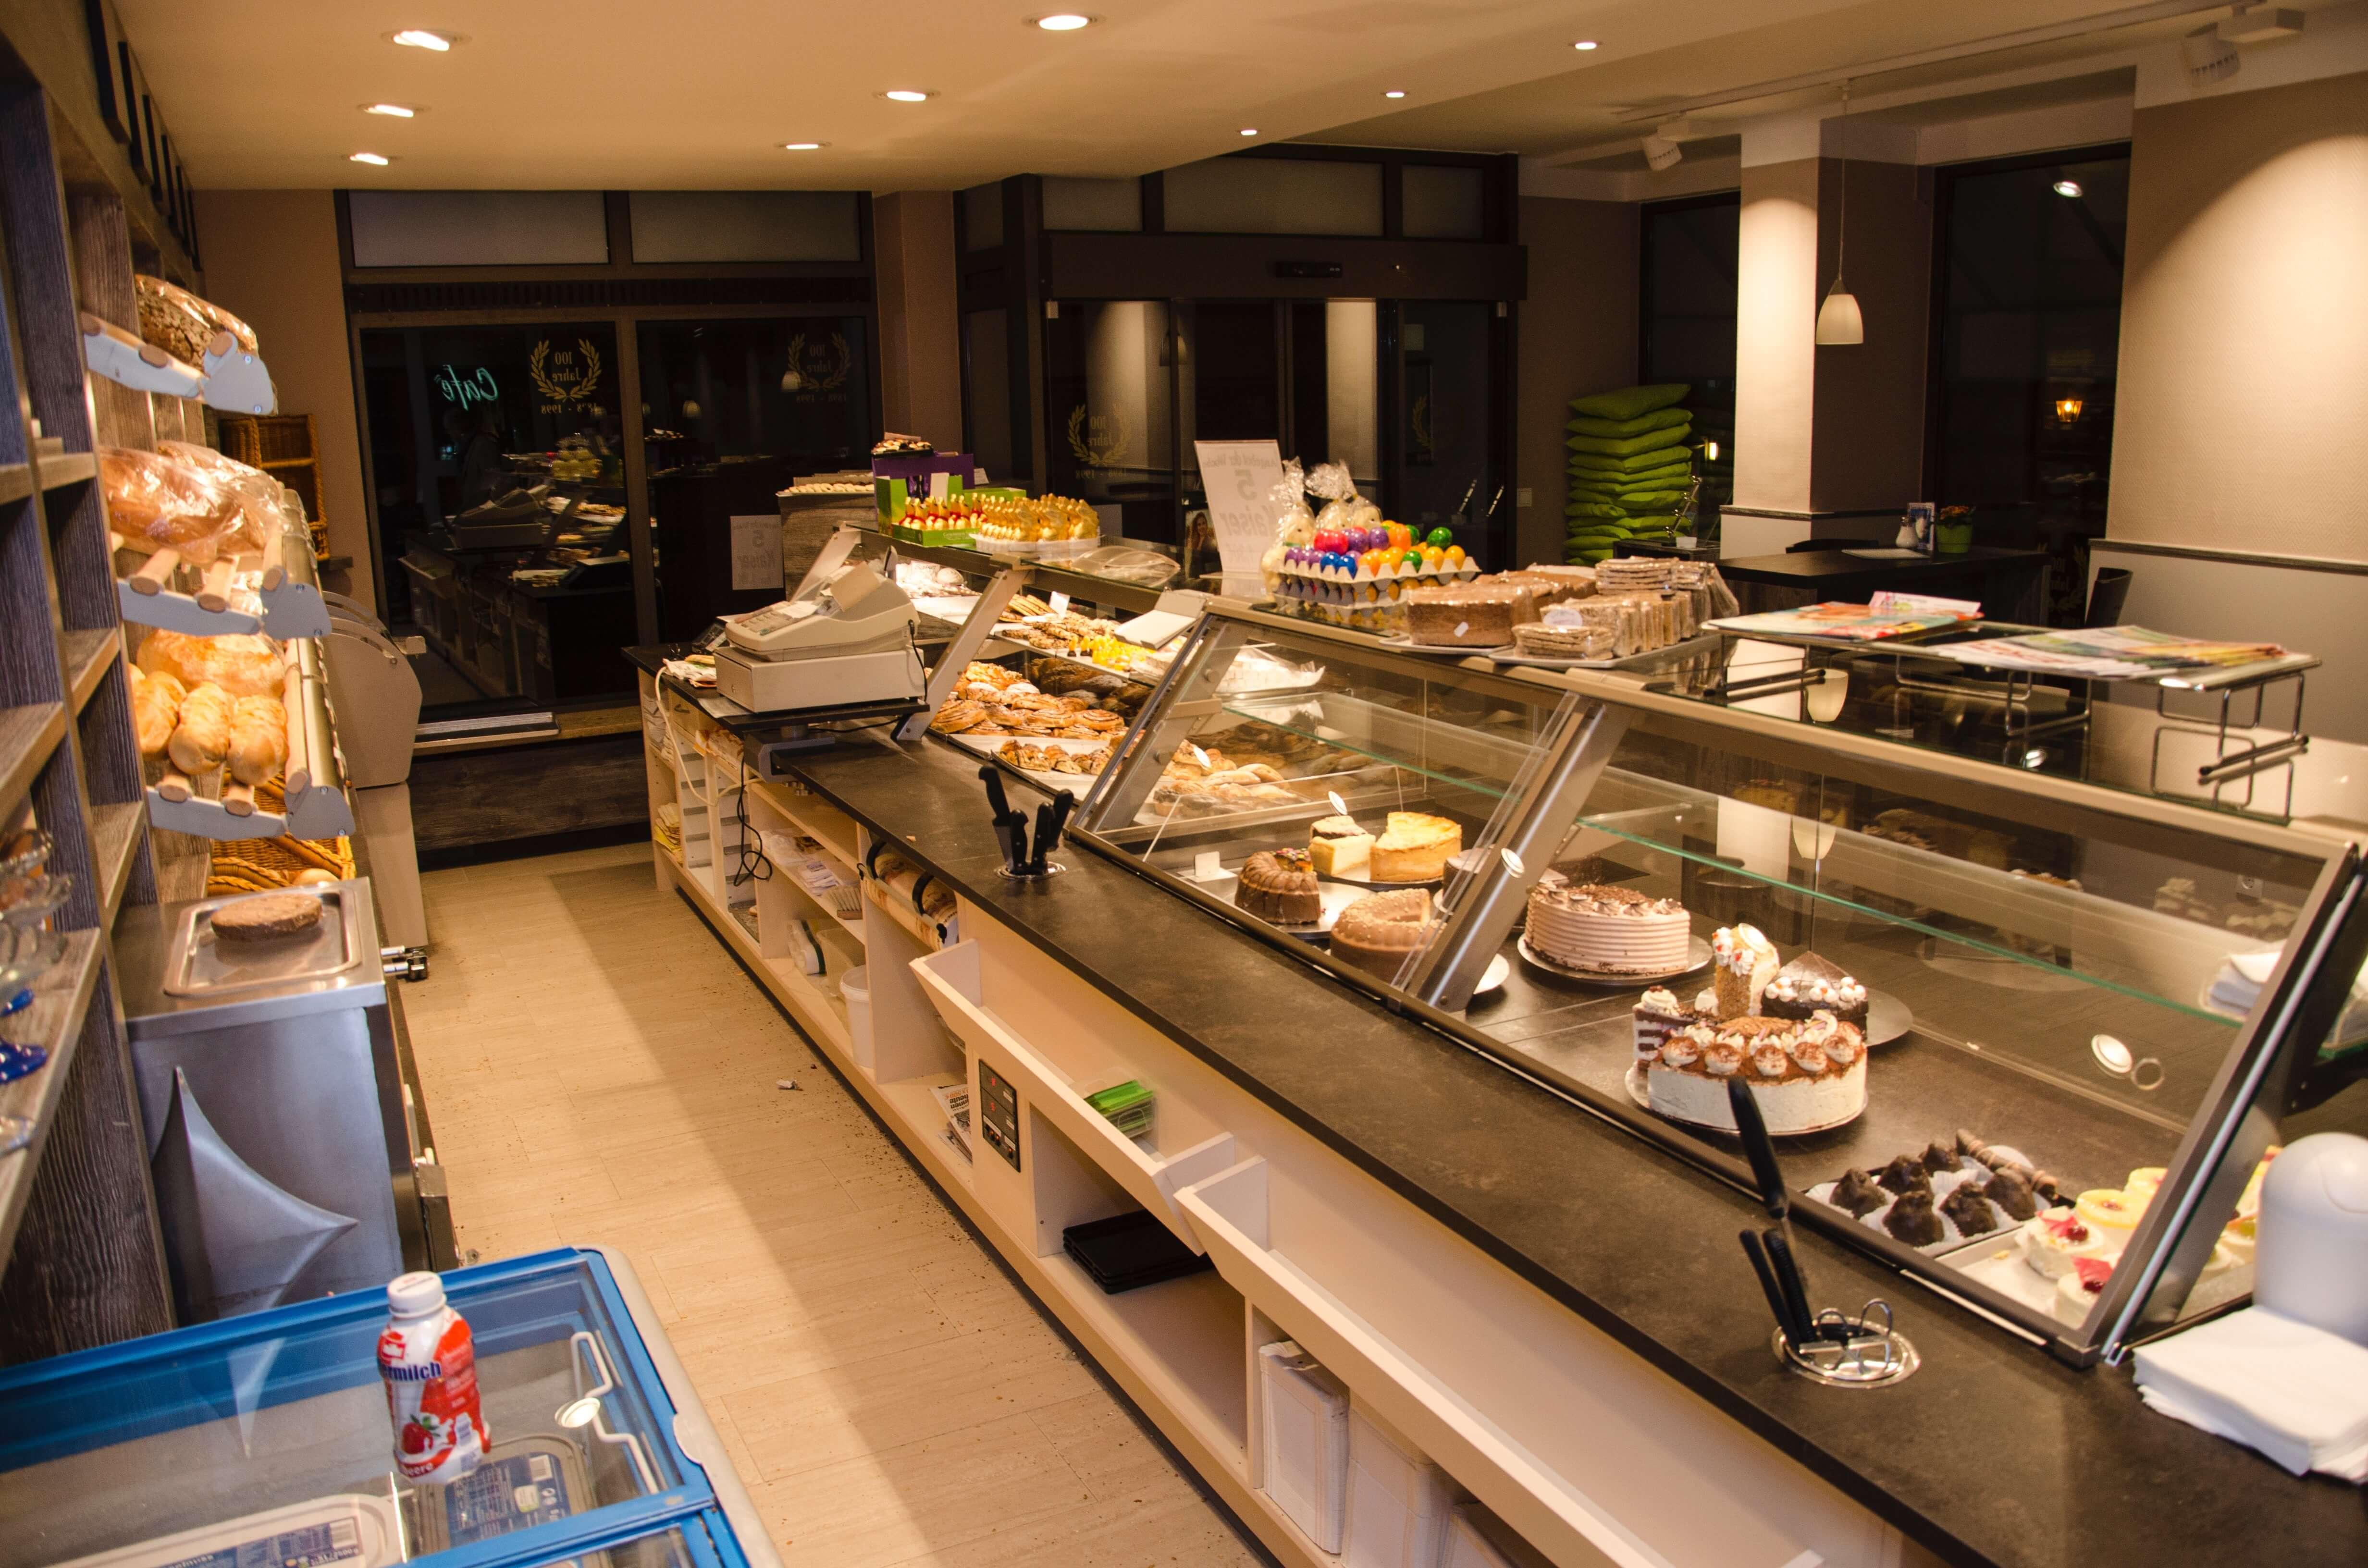 Ladeneinrichtung-Bäckerei-Verkauf-Rückseite-Stauraum